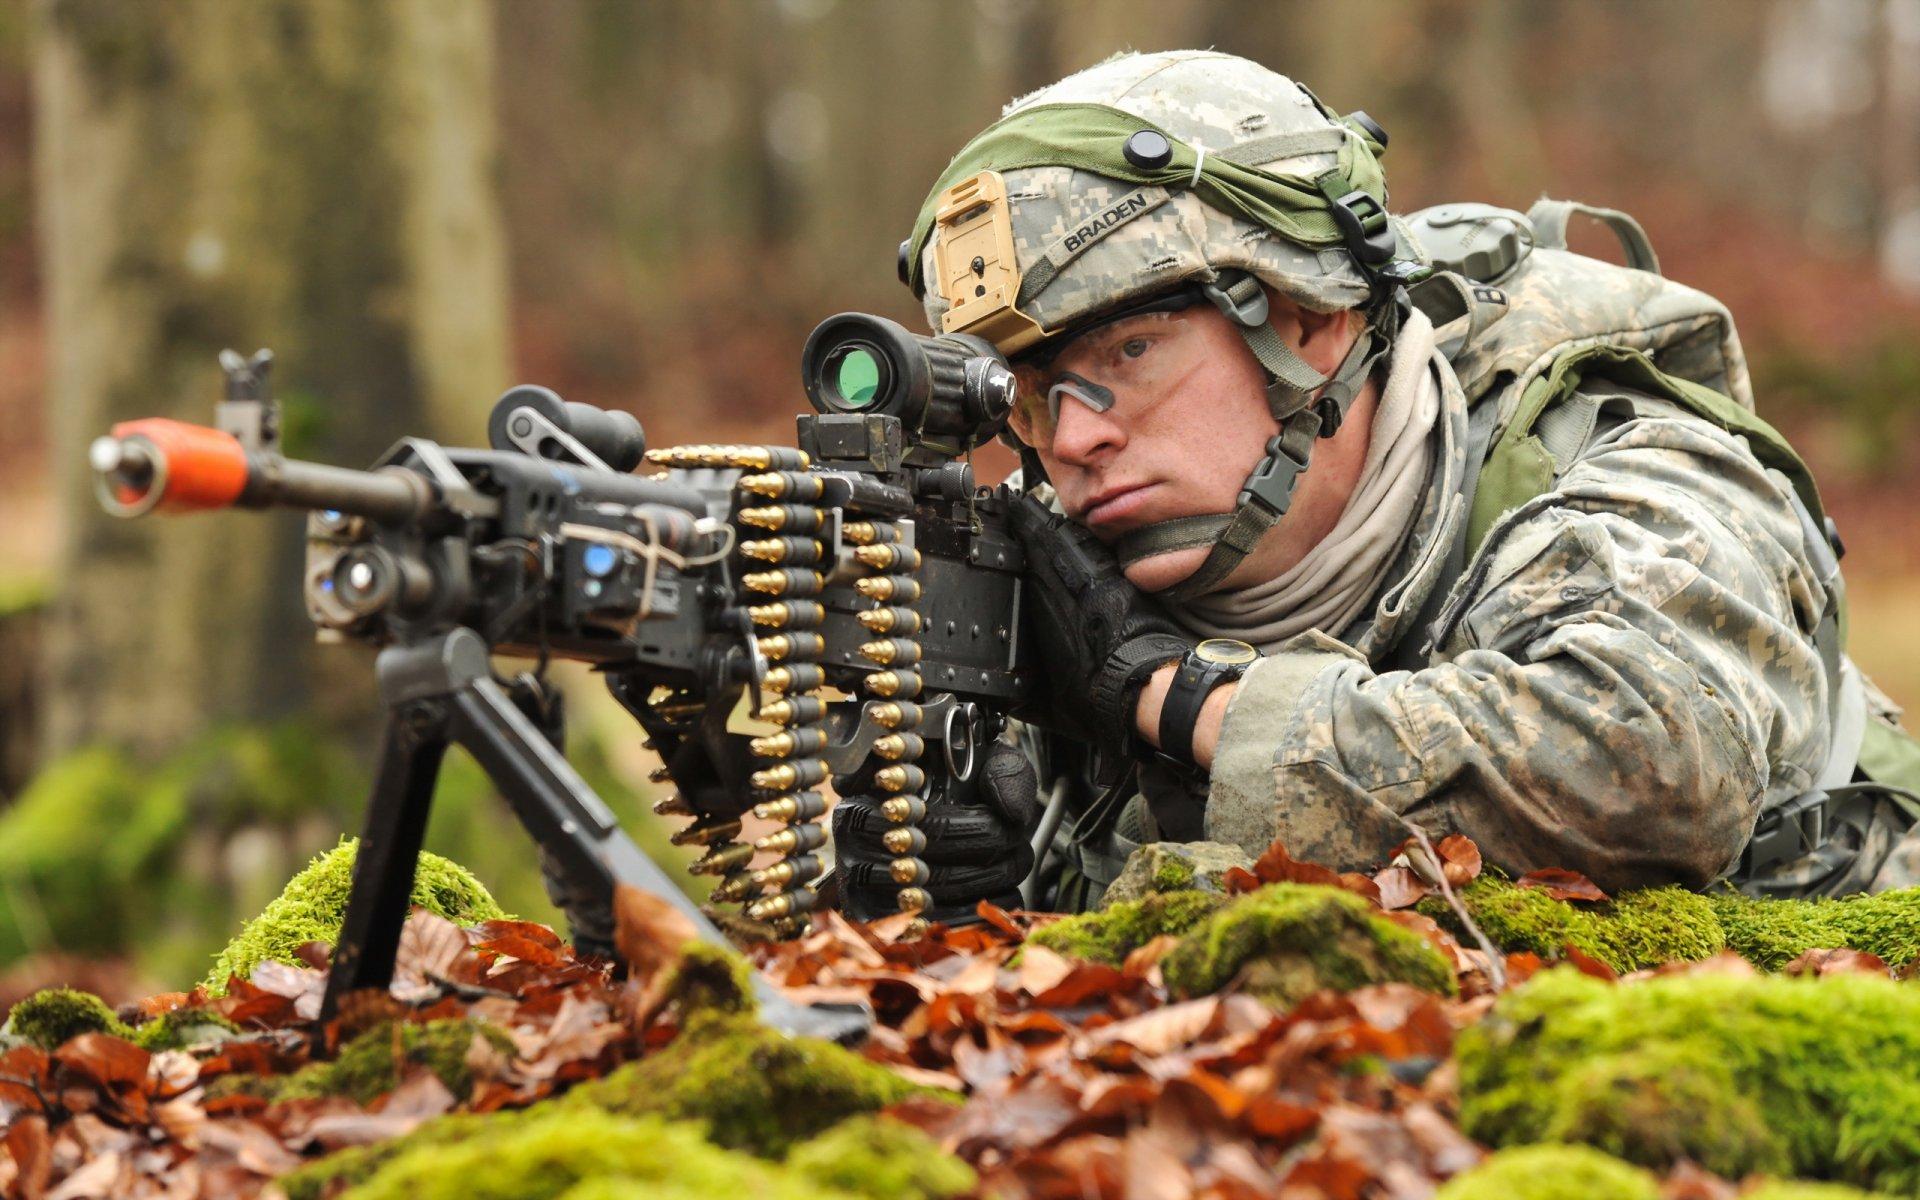 армия солдаты военные картинки если, например, двумя